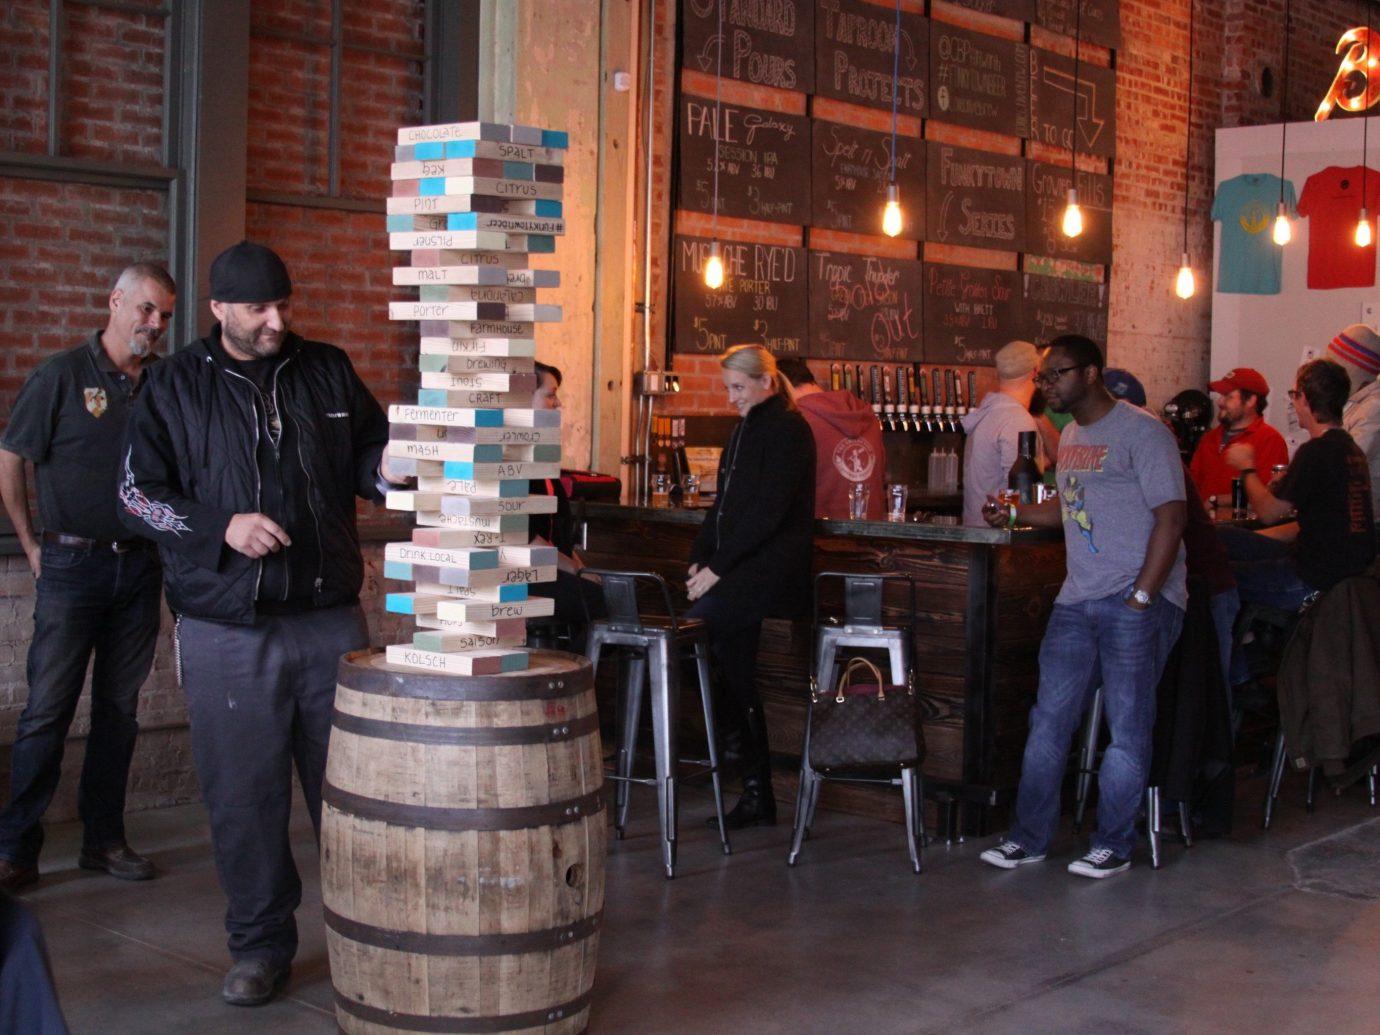 Food + Drink building person floor Bar